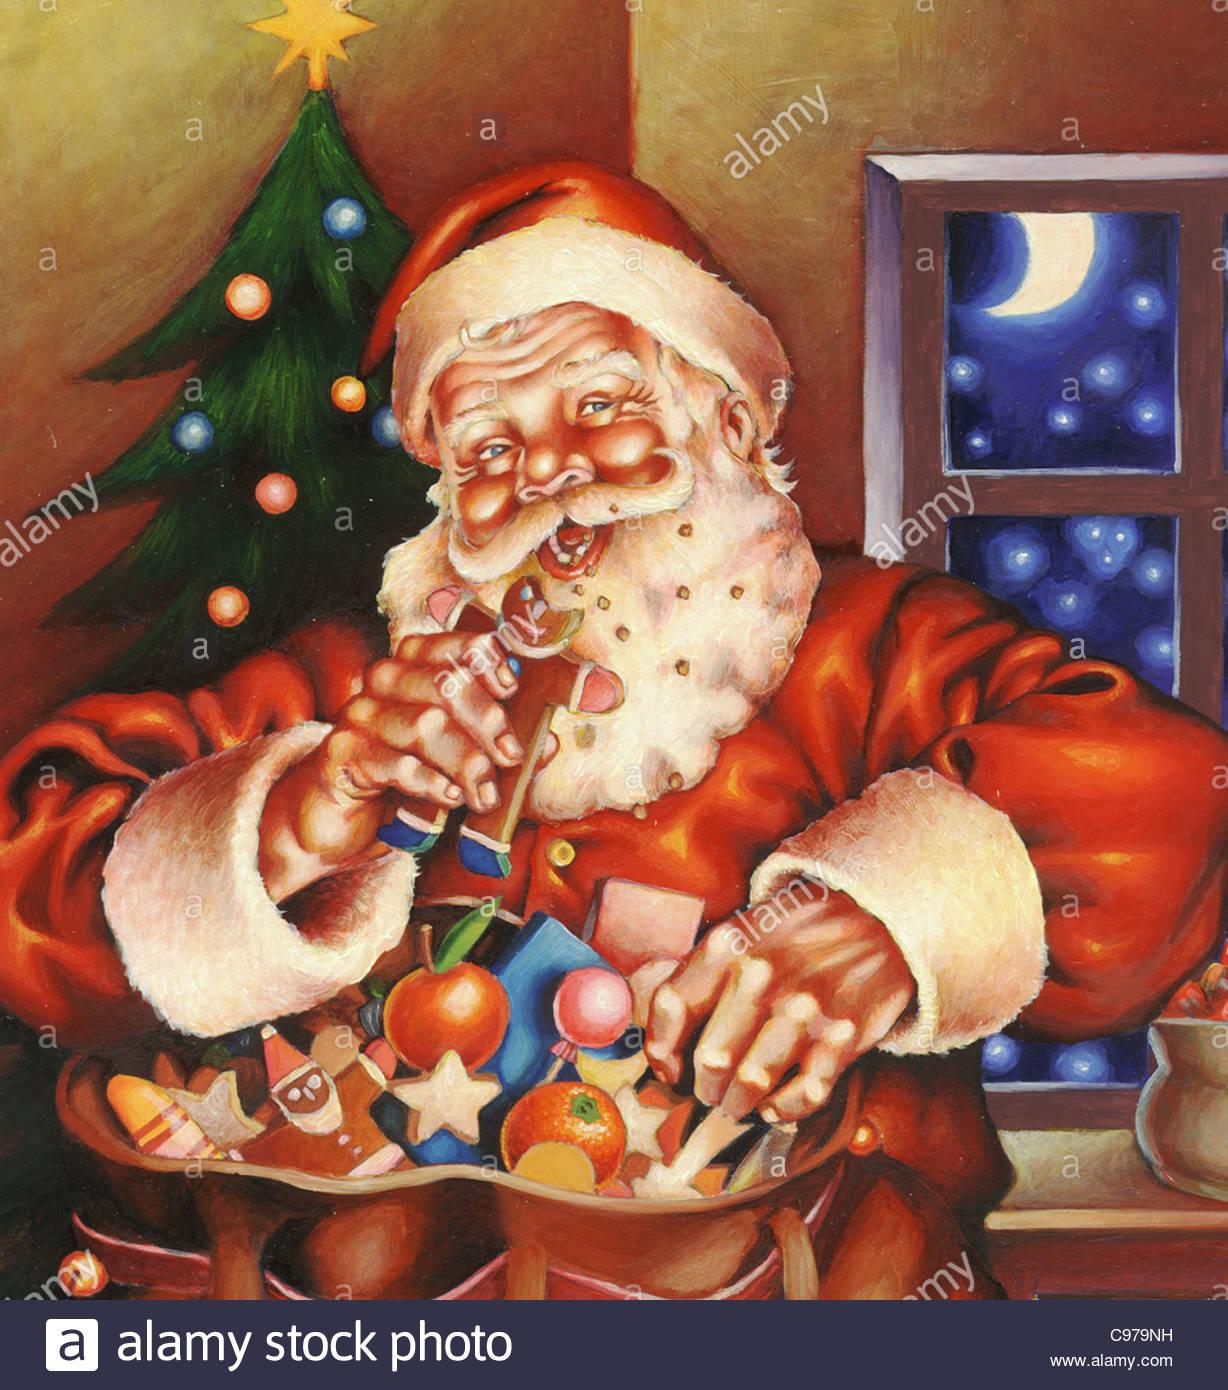 lustige Weihnachtsmann Nikolaus Witz lustig Humor lustig lustig ...